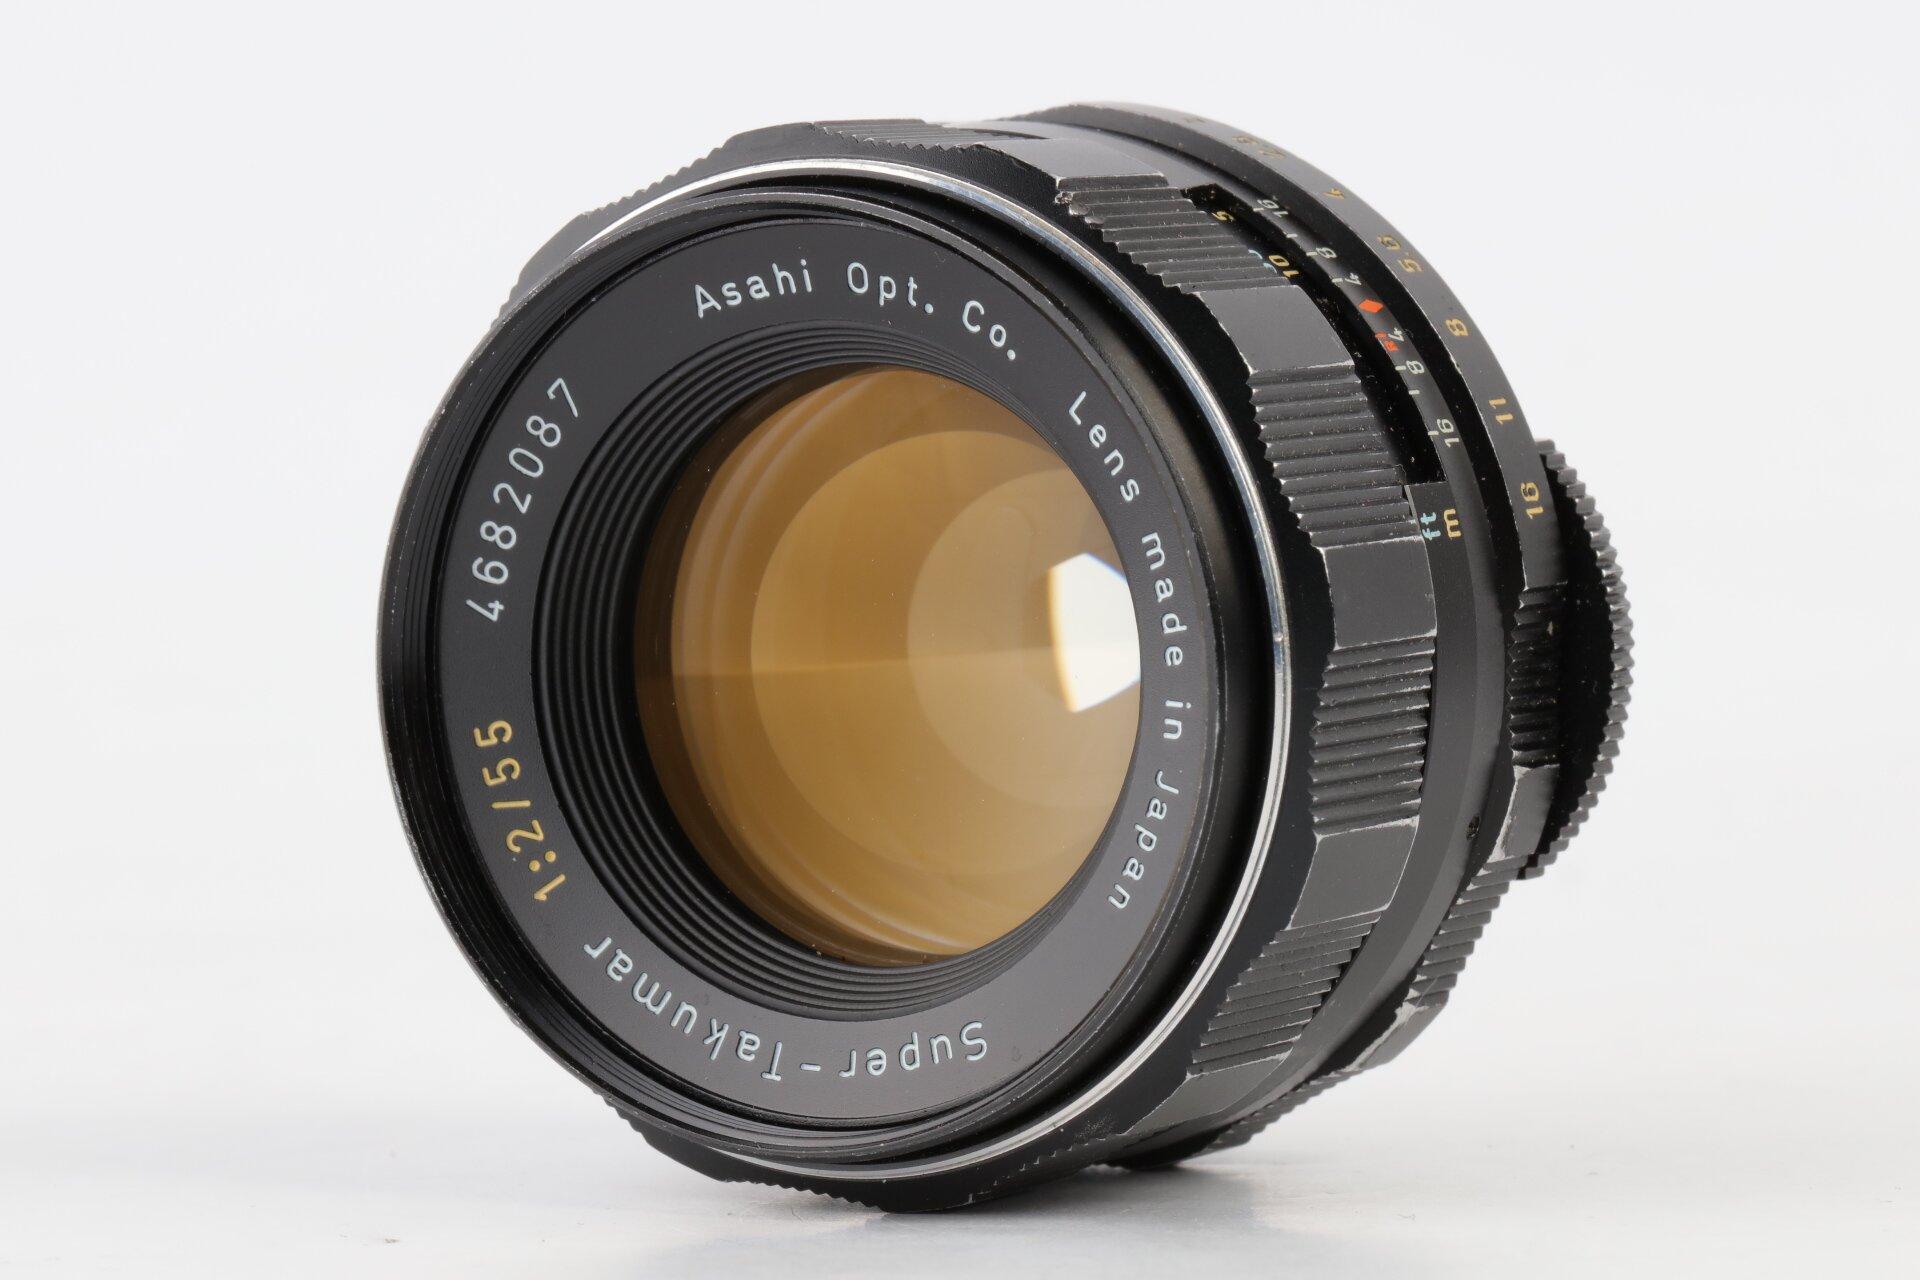 Pentax Super-Takumar 2/55mm M42